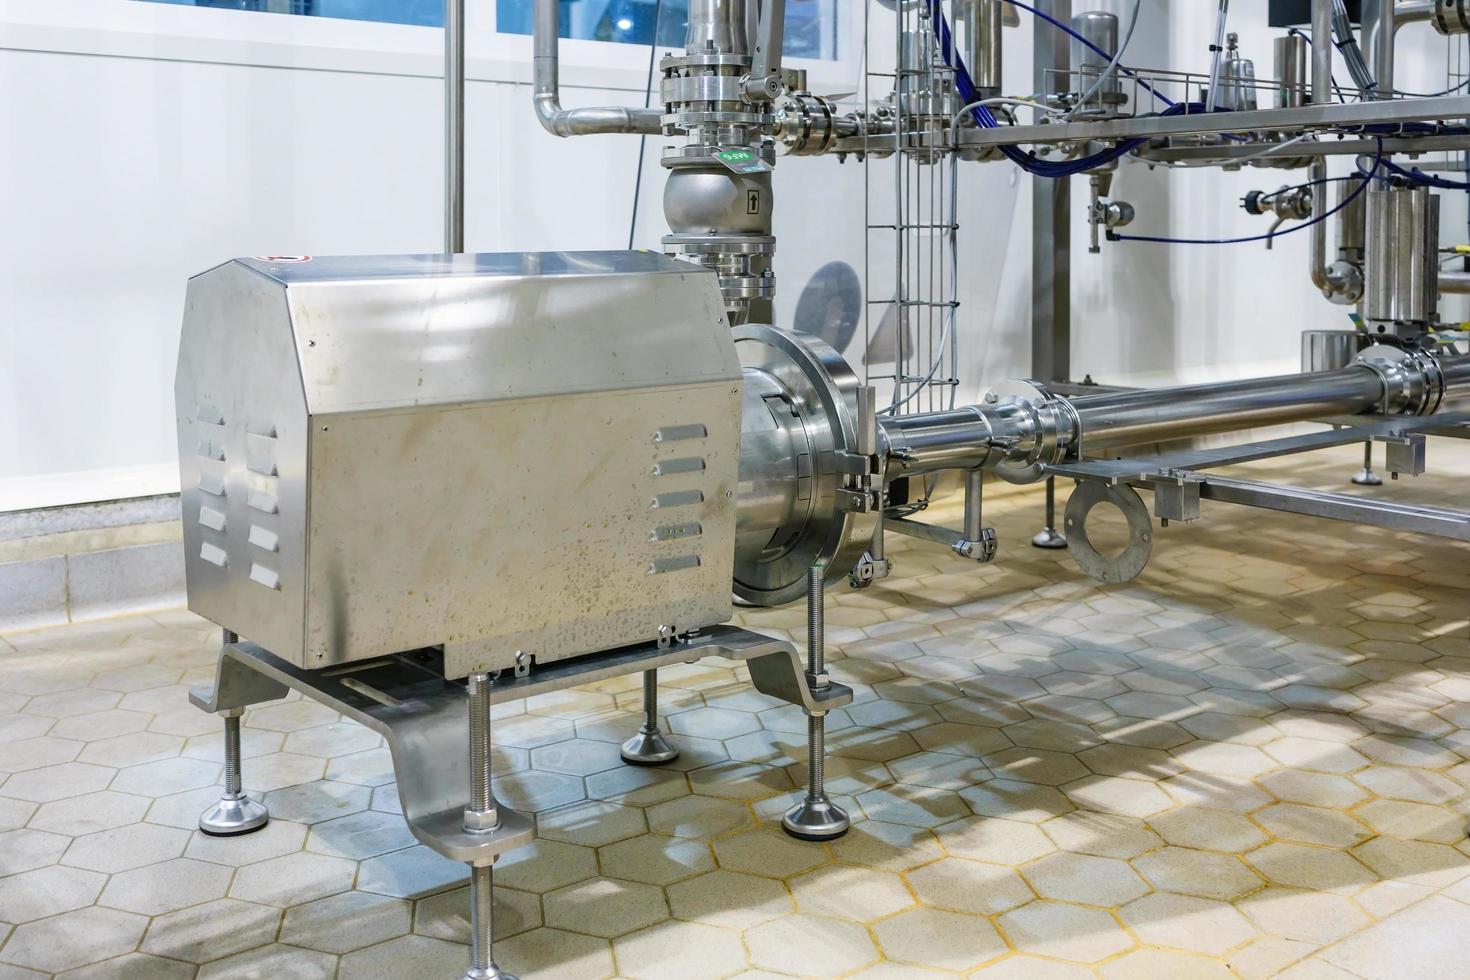 pompe centrifuge en acier inoxydable de l'équipement d'usine industrielle tubes en acier inoxydable automatisation alimentaire photo